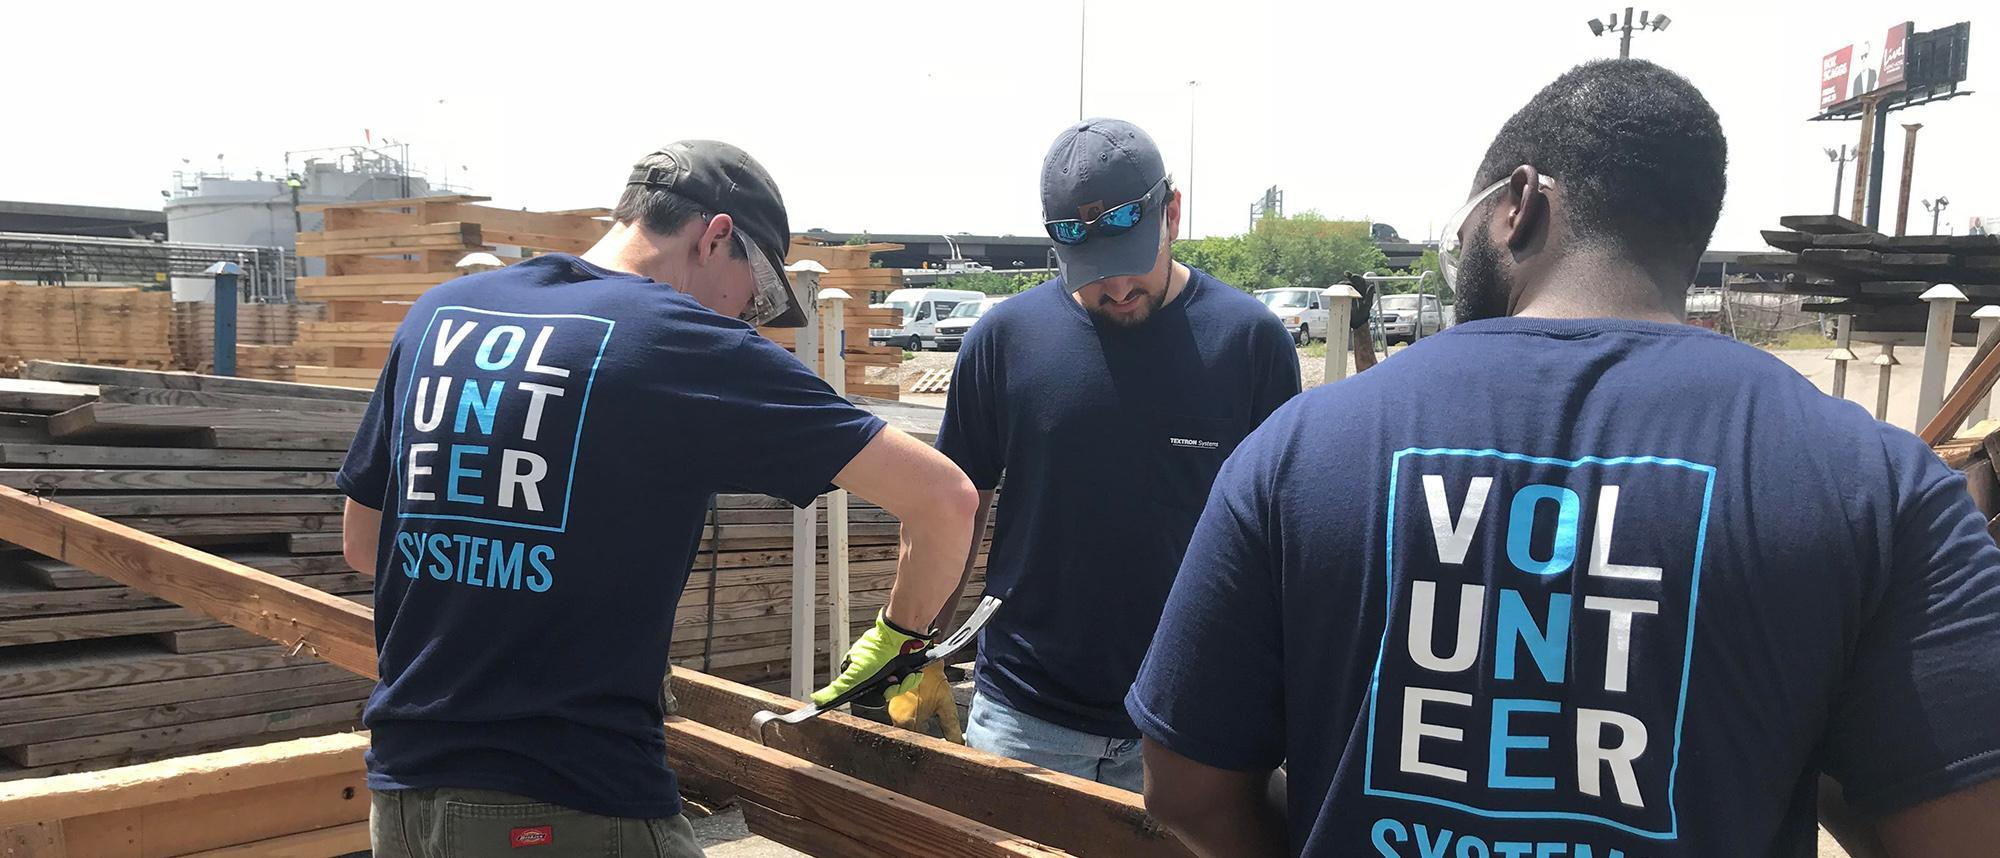 team members volunteering